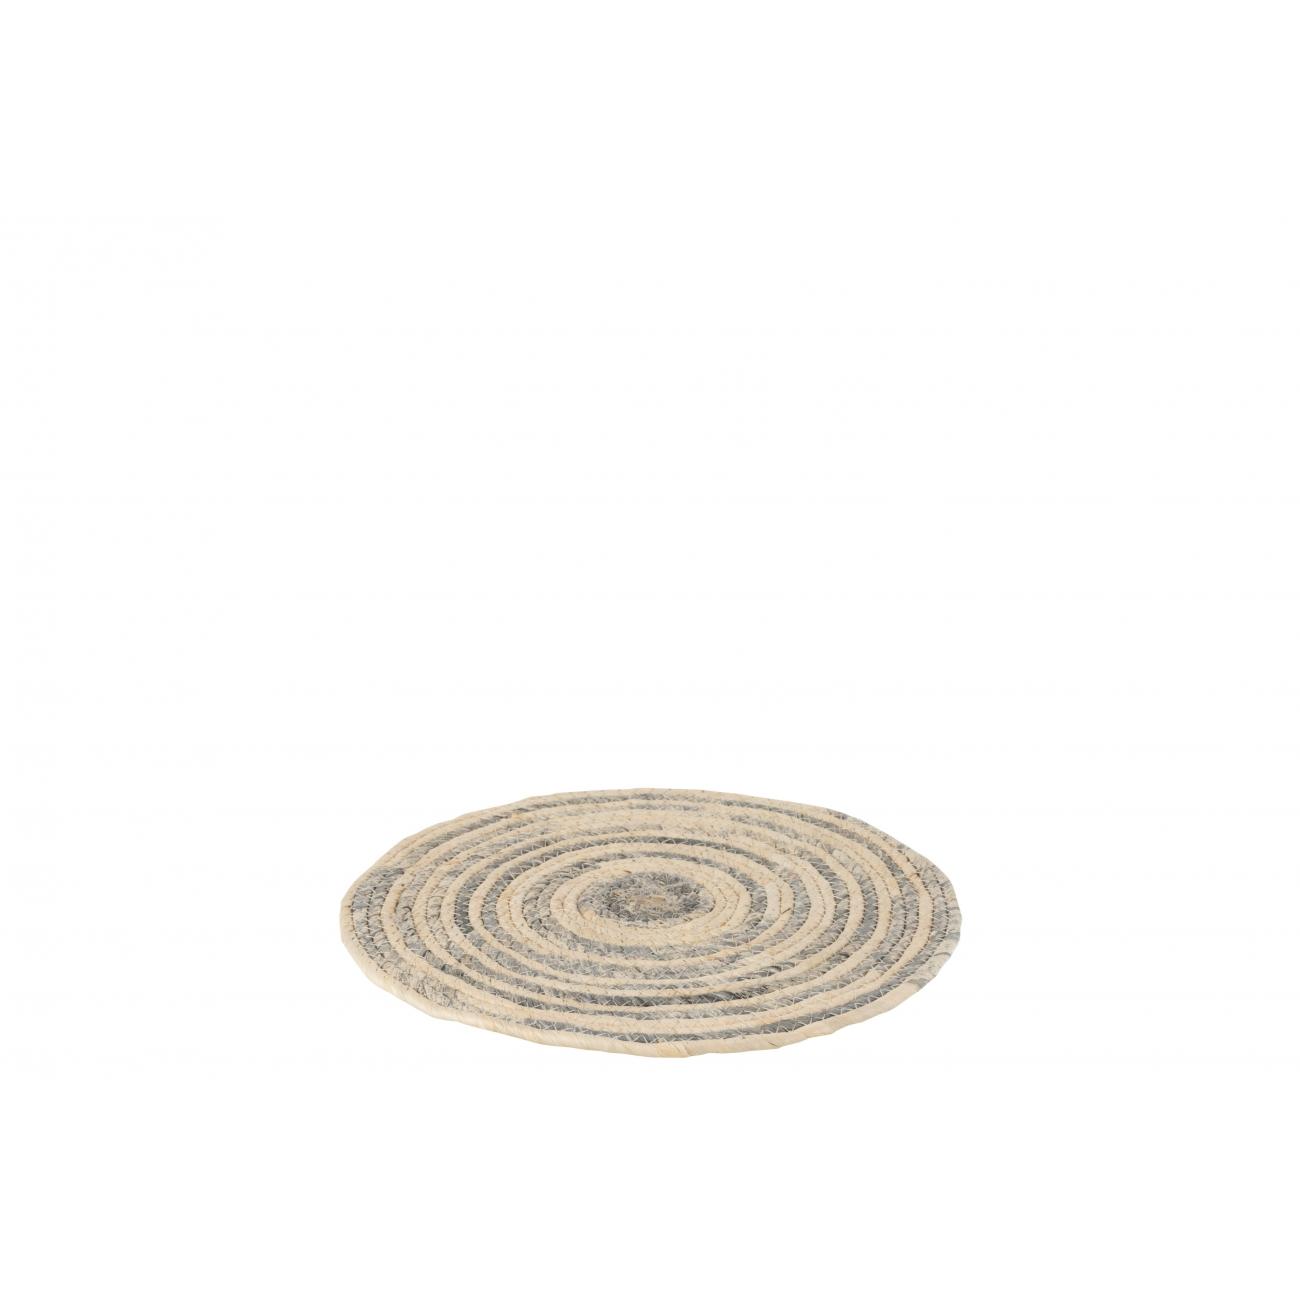 Сервировочный круглый коврик J-LINE из ротанга и камыша бежево-серого цвета 35 см Бельгия